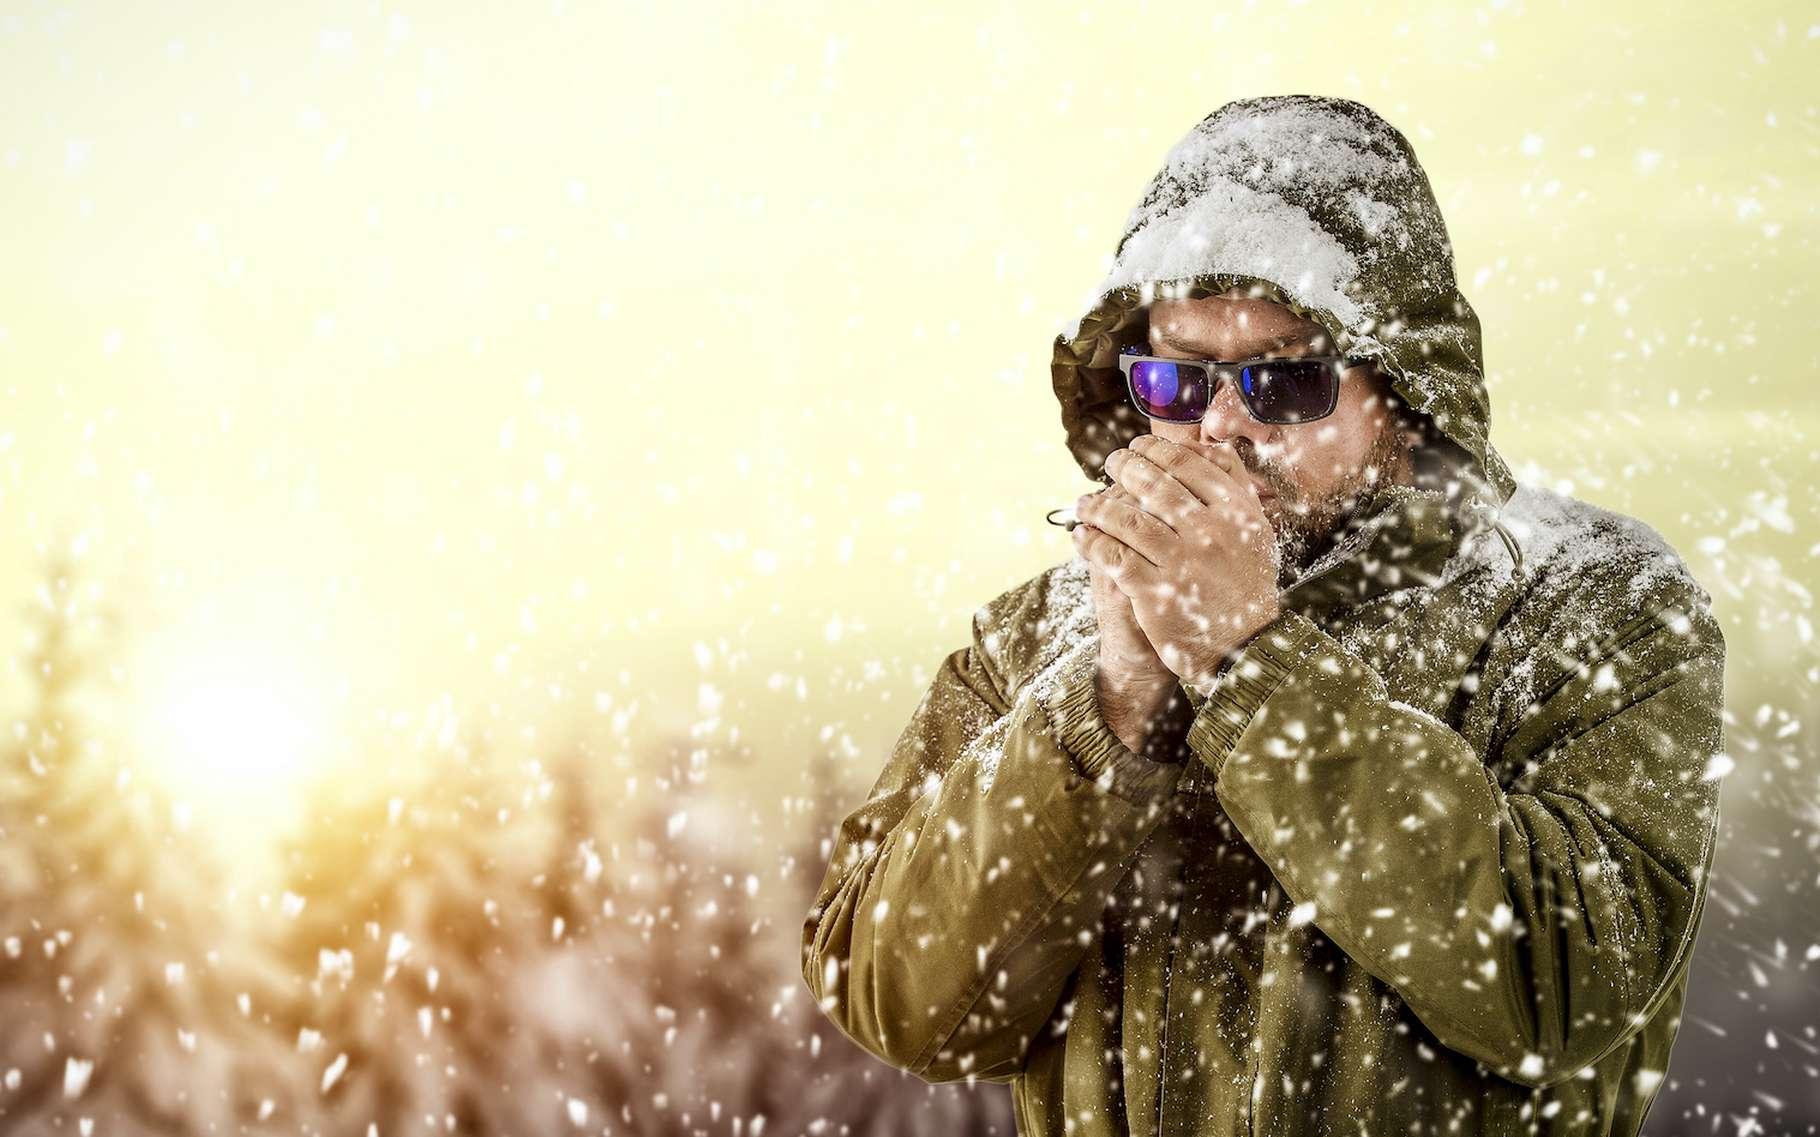 Un réchauffement stratosphérique soudain au-dessus du pôle Nord pourrait provoquer une vague de froid sur l'Europe. © magdal3na, Adobe Stock